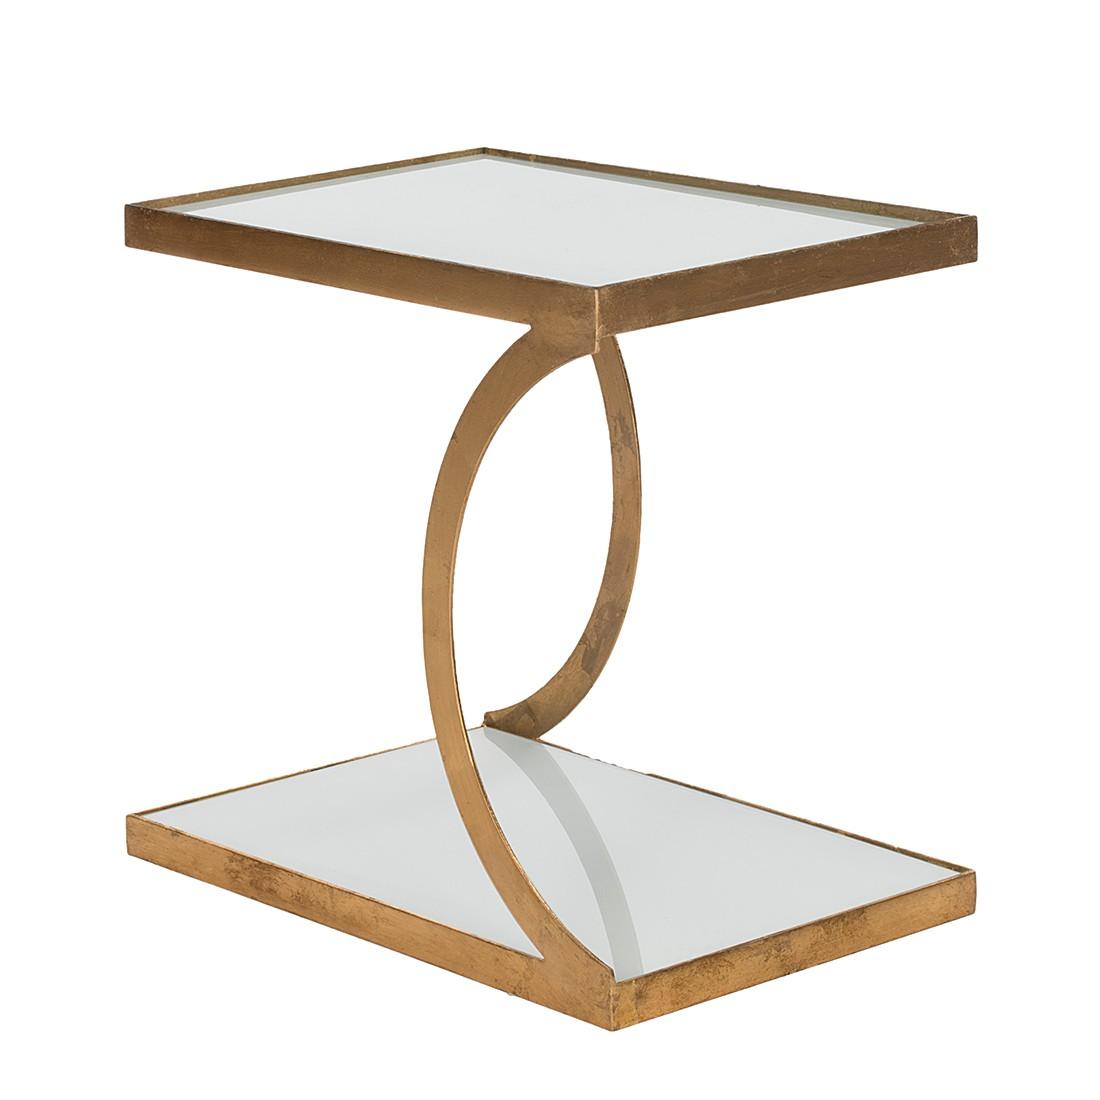 table d 39 appoint sullivan dor safavieh le fait main. Black Bedroom Furniture Sets. Home Design Ideas